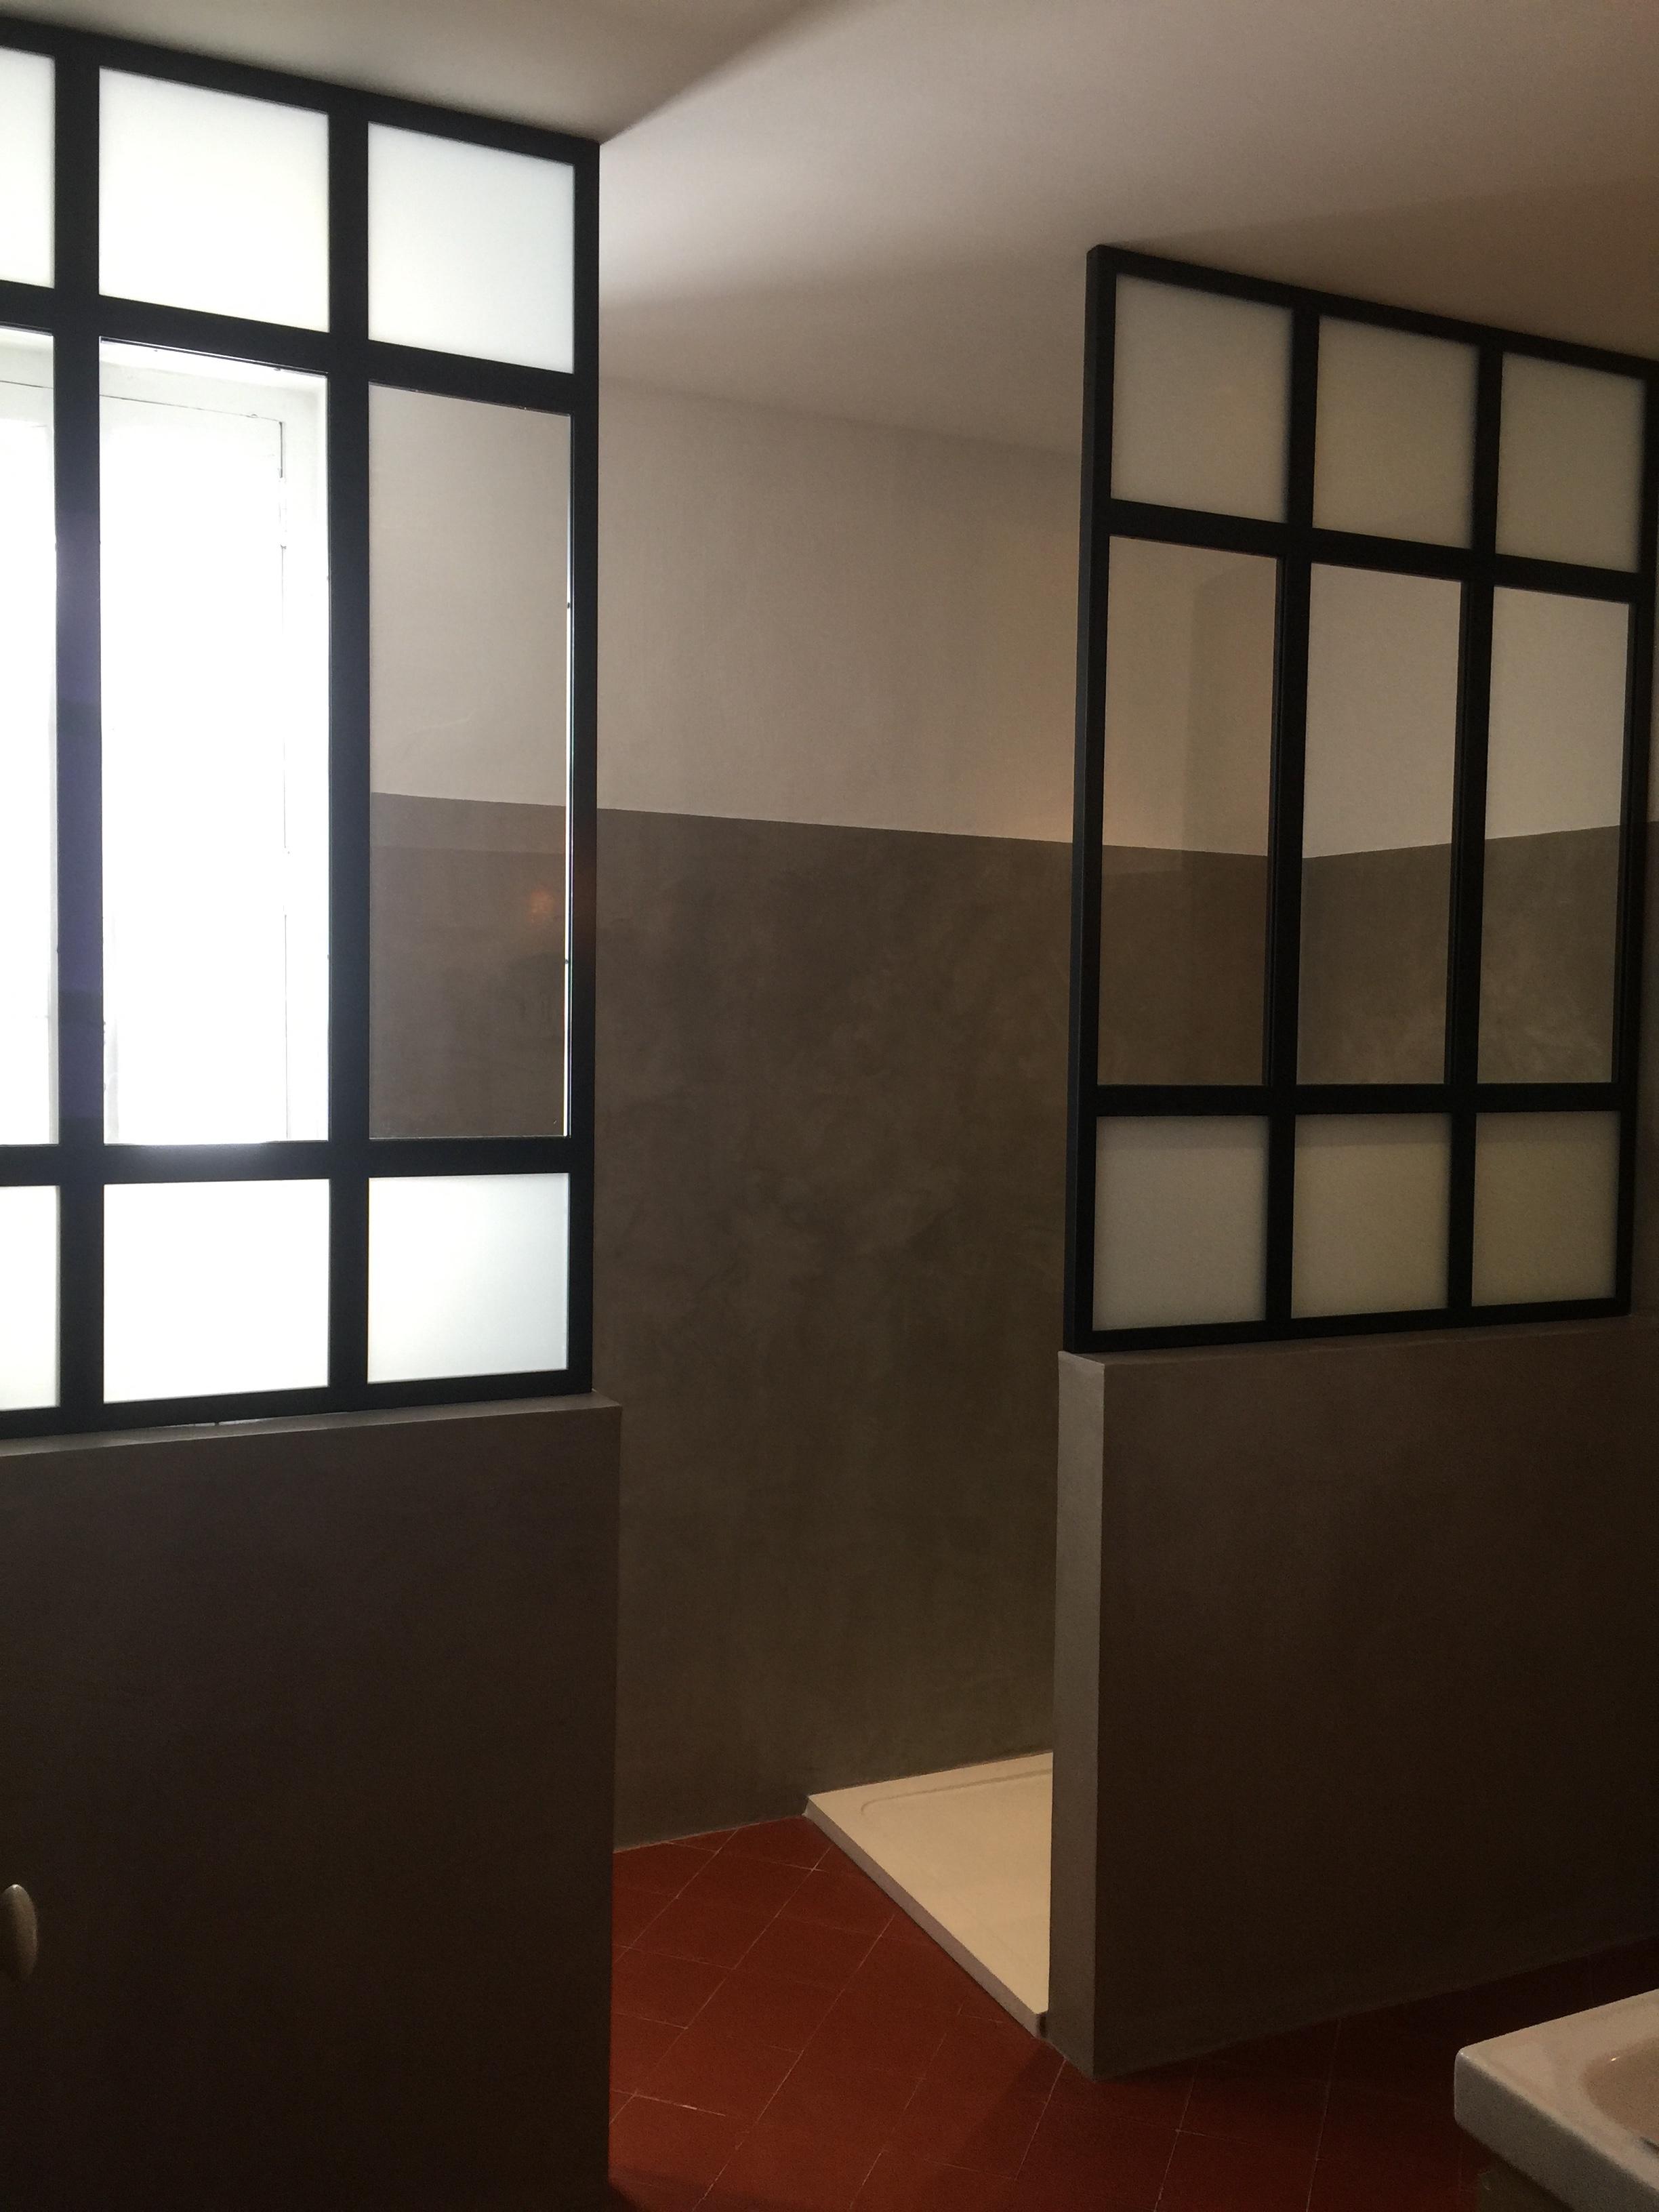 Verrière salle de bain Nimes - Vente Verrière sur mesure